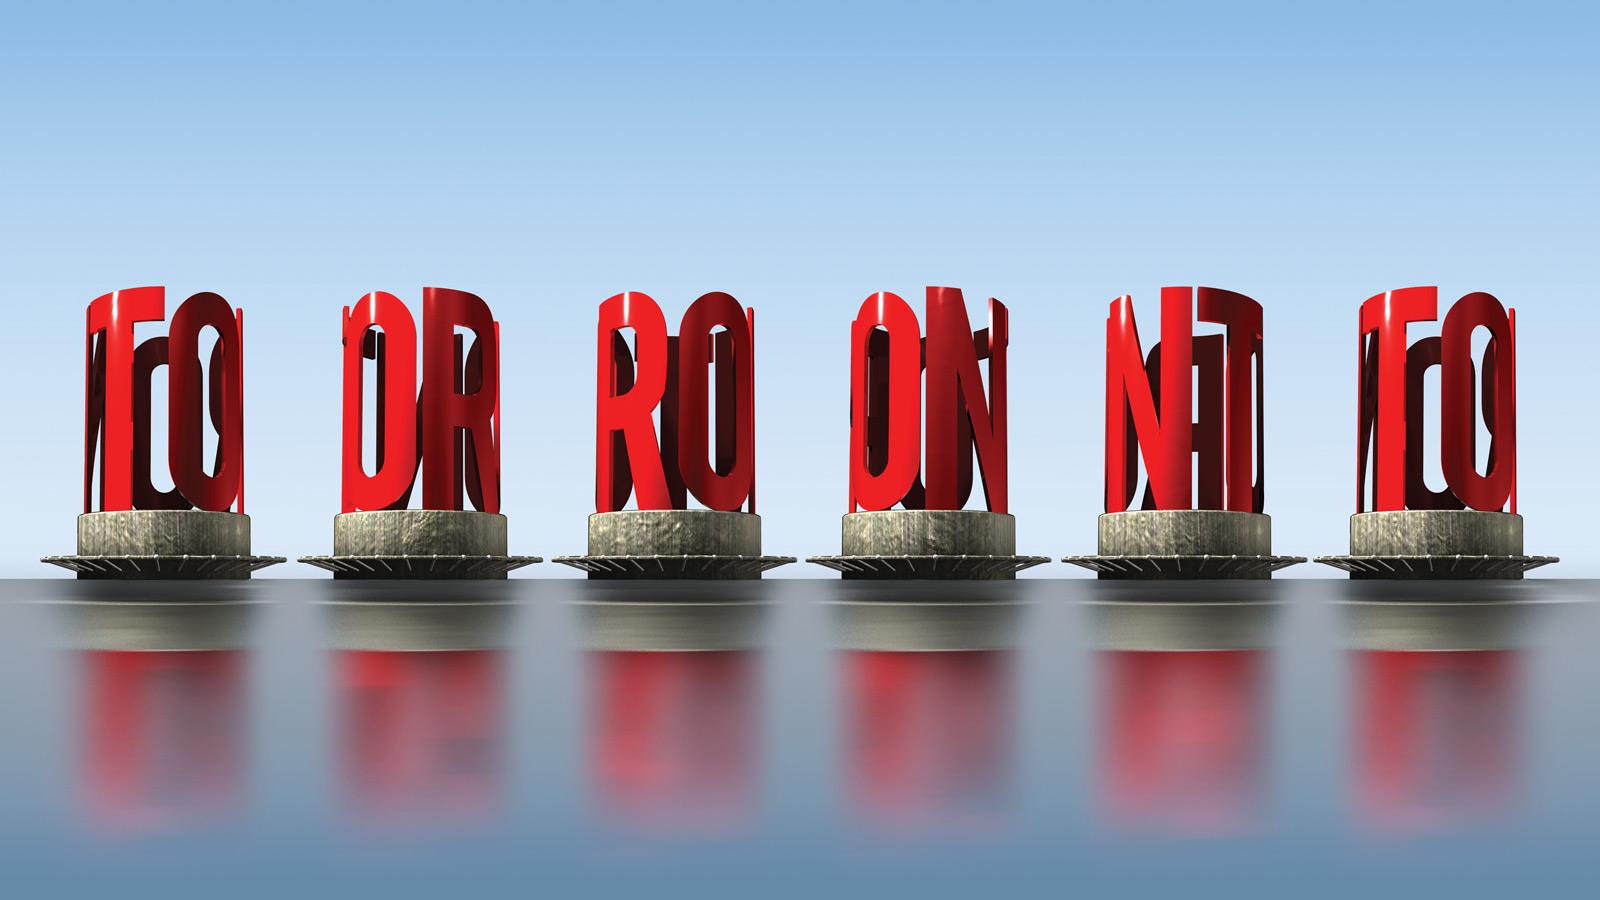 Toronto 360   Étude de cas – Sculpture Toronto 360   Agence créative, Design, Publicité, Stratégie, Stratégie de marque